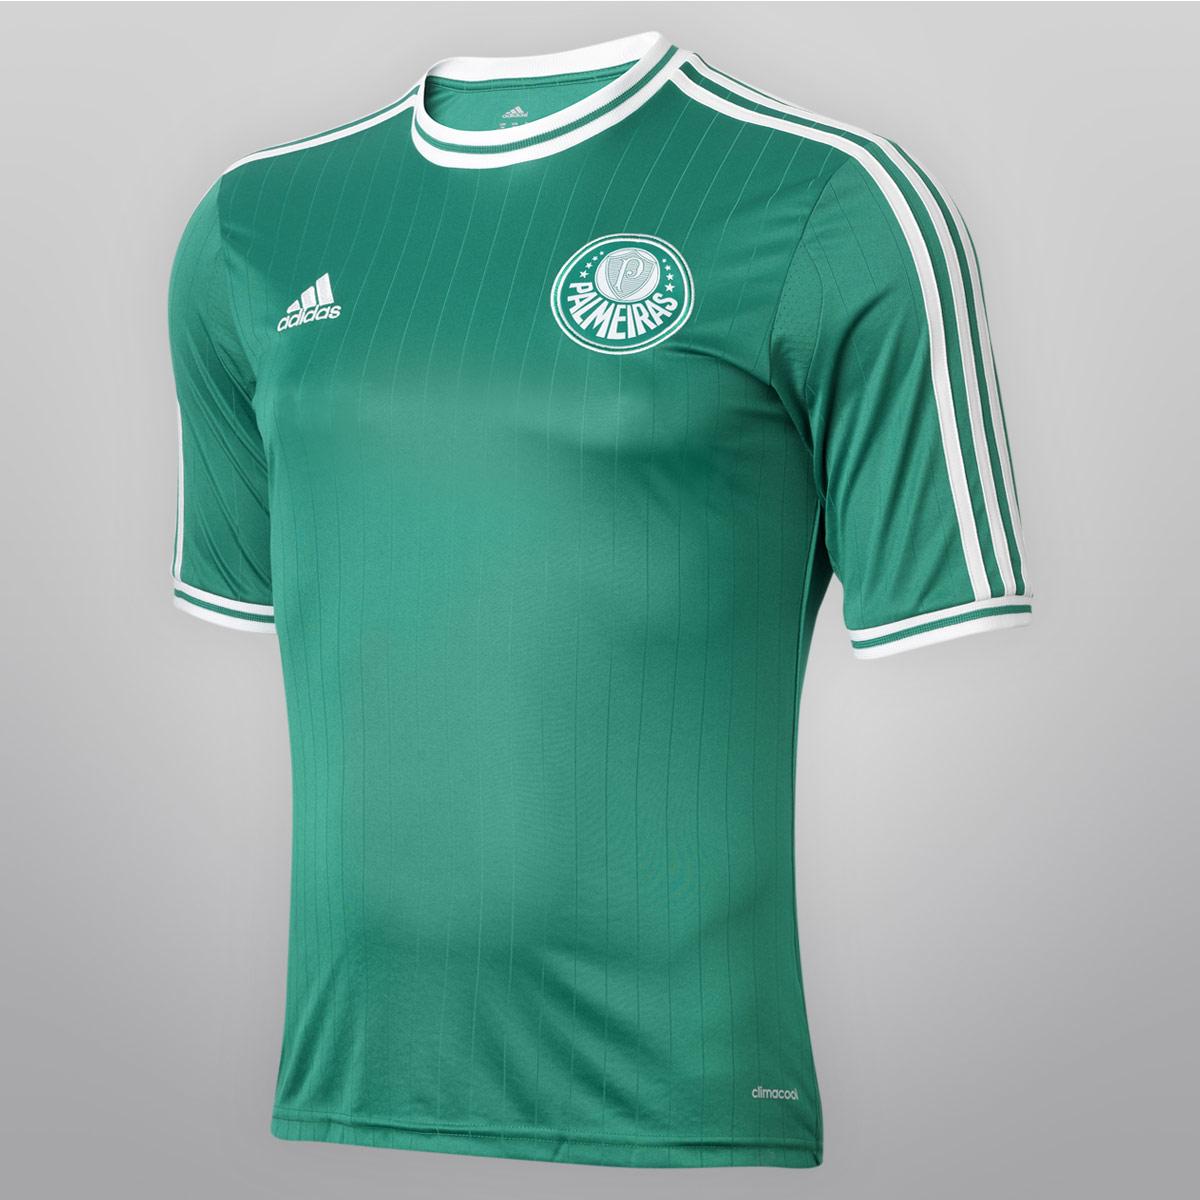 camisa verde do palmeiras 2013-2014